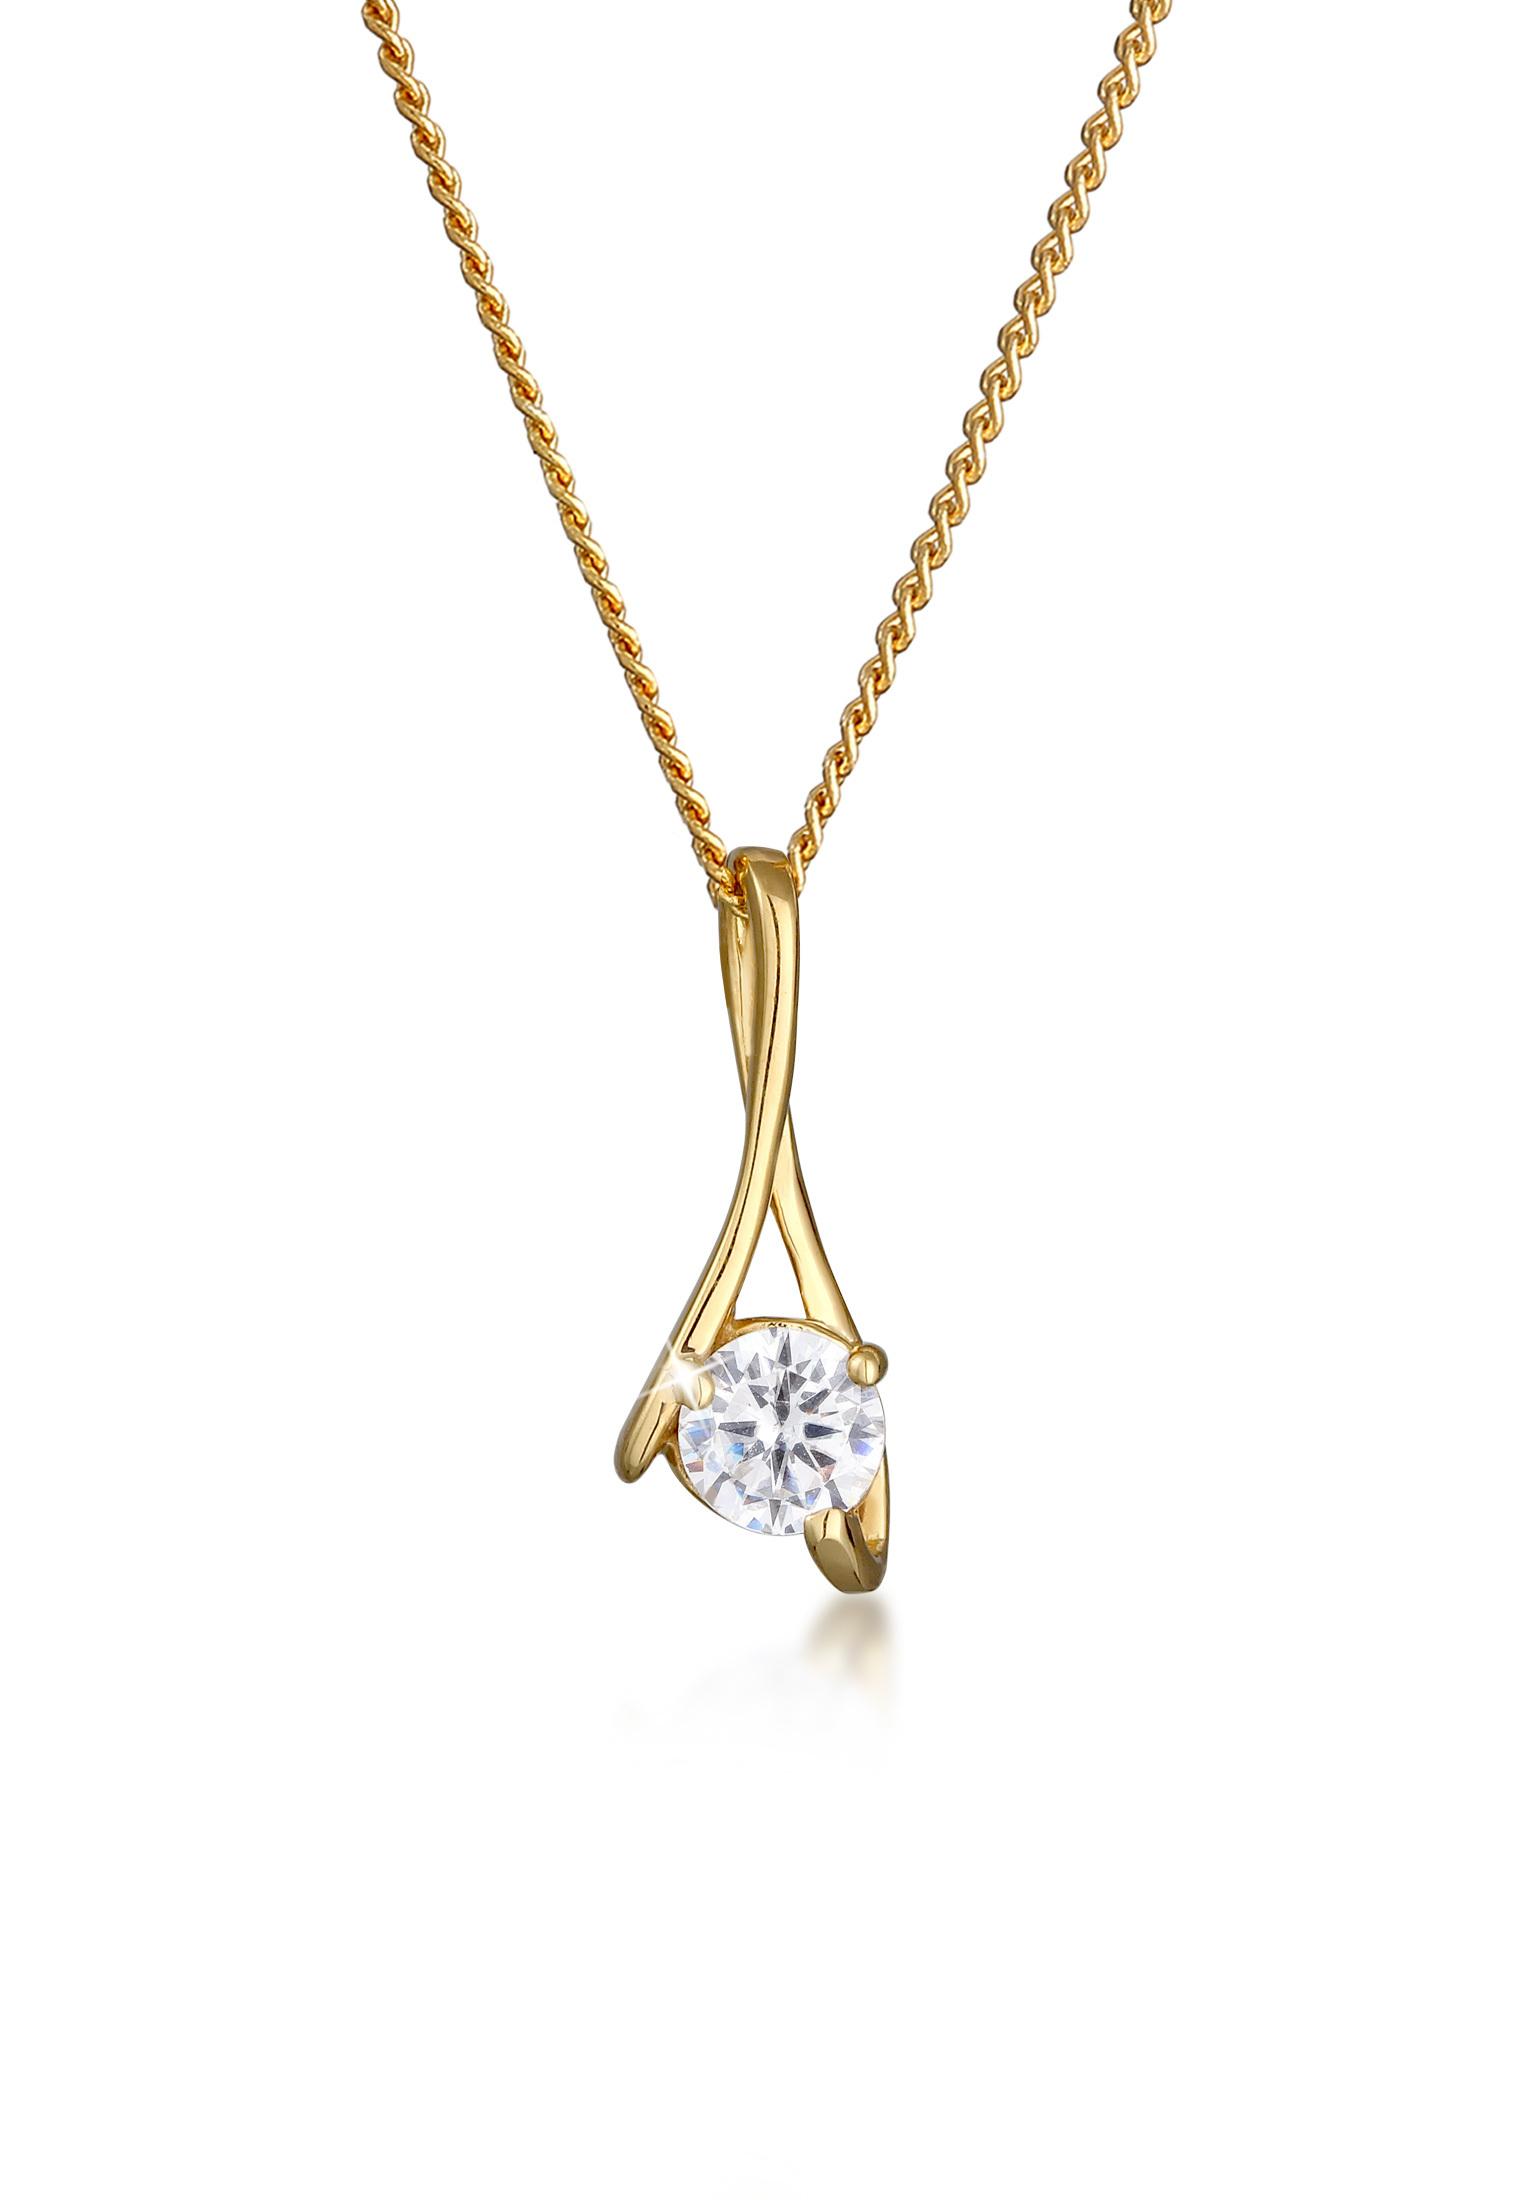 Halskette Infinity | Zirkonia ( Weiß ) | 585 Gelbgold